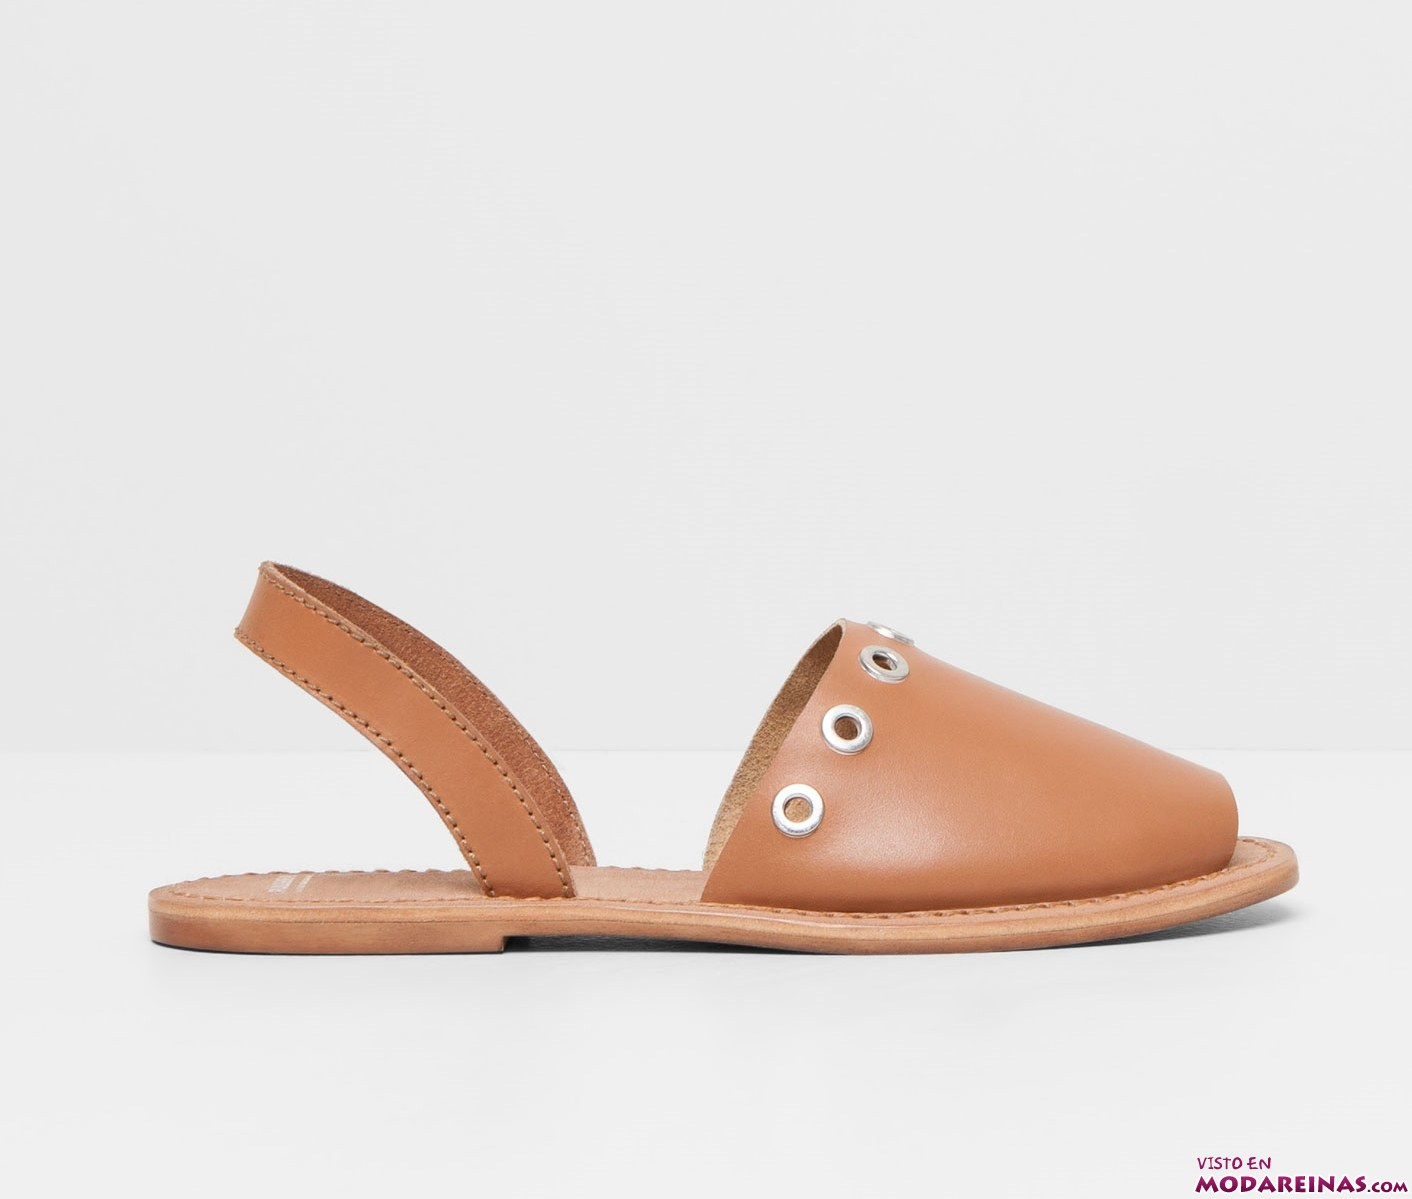 sandalias en marrón con apliques